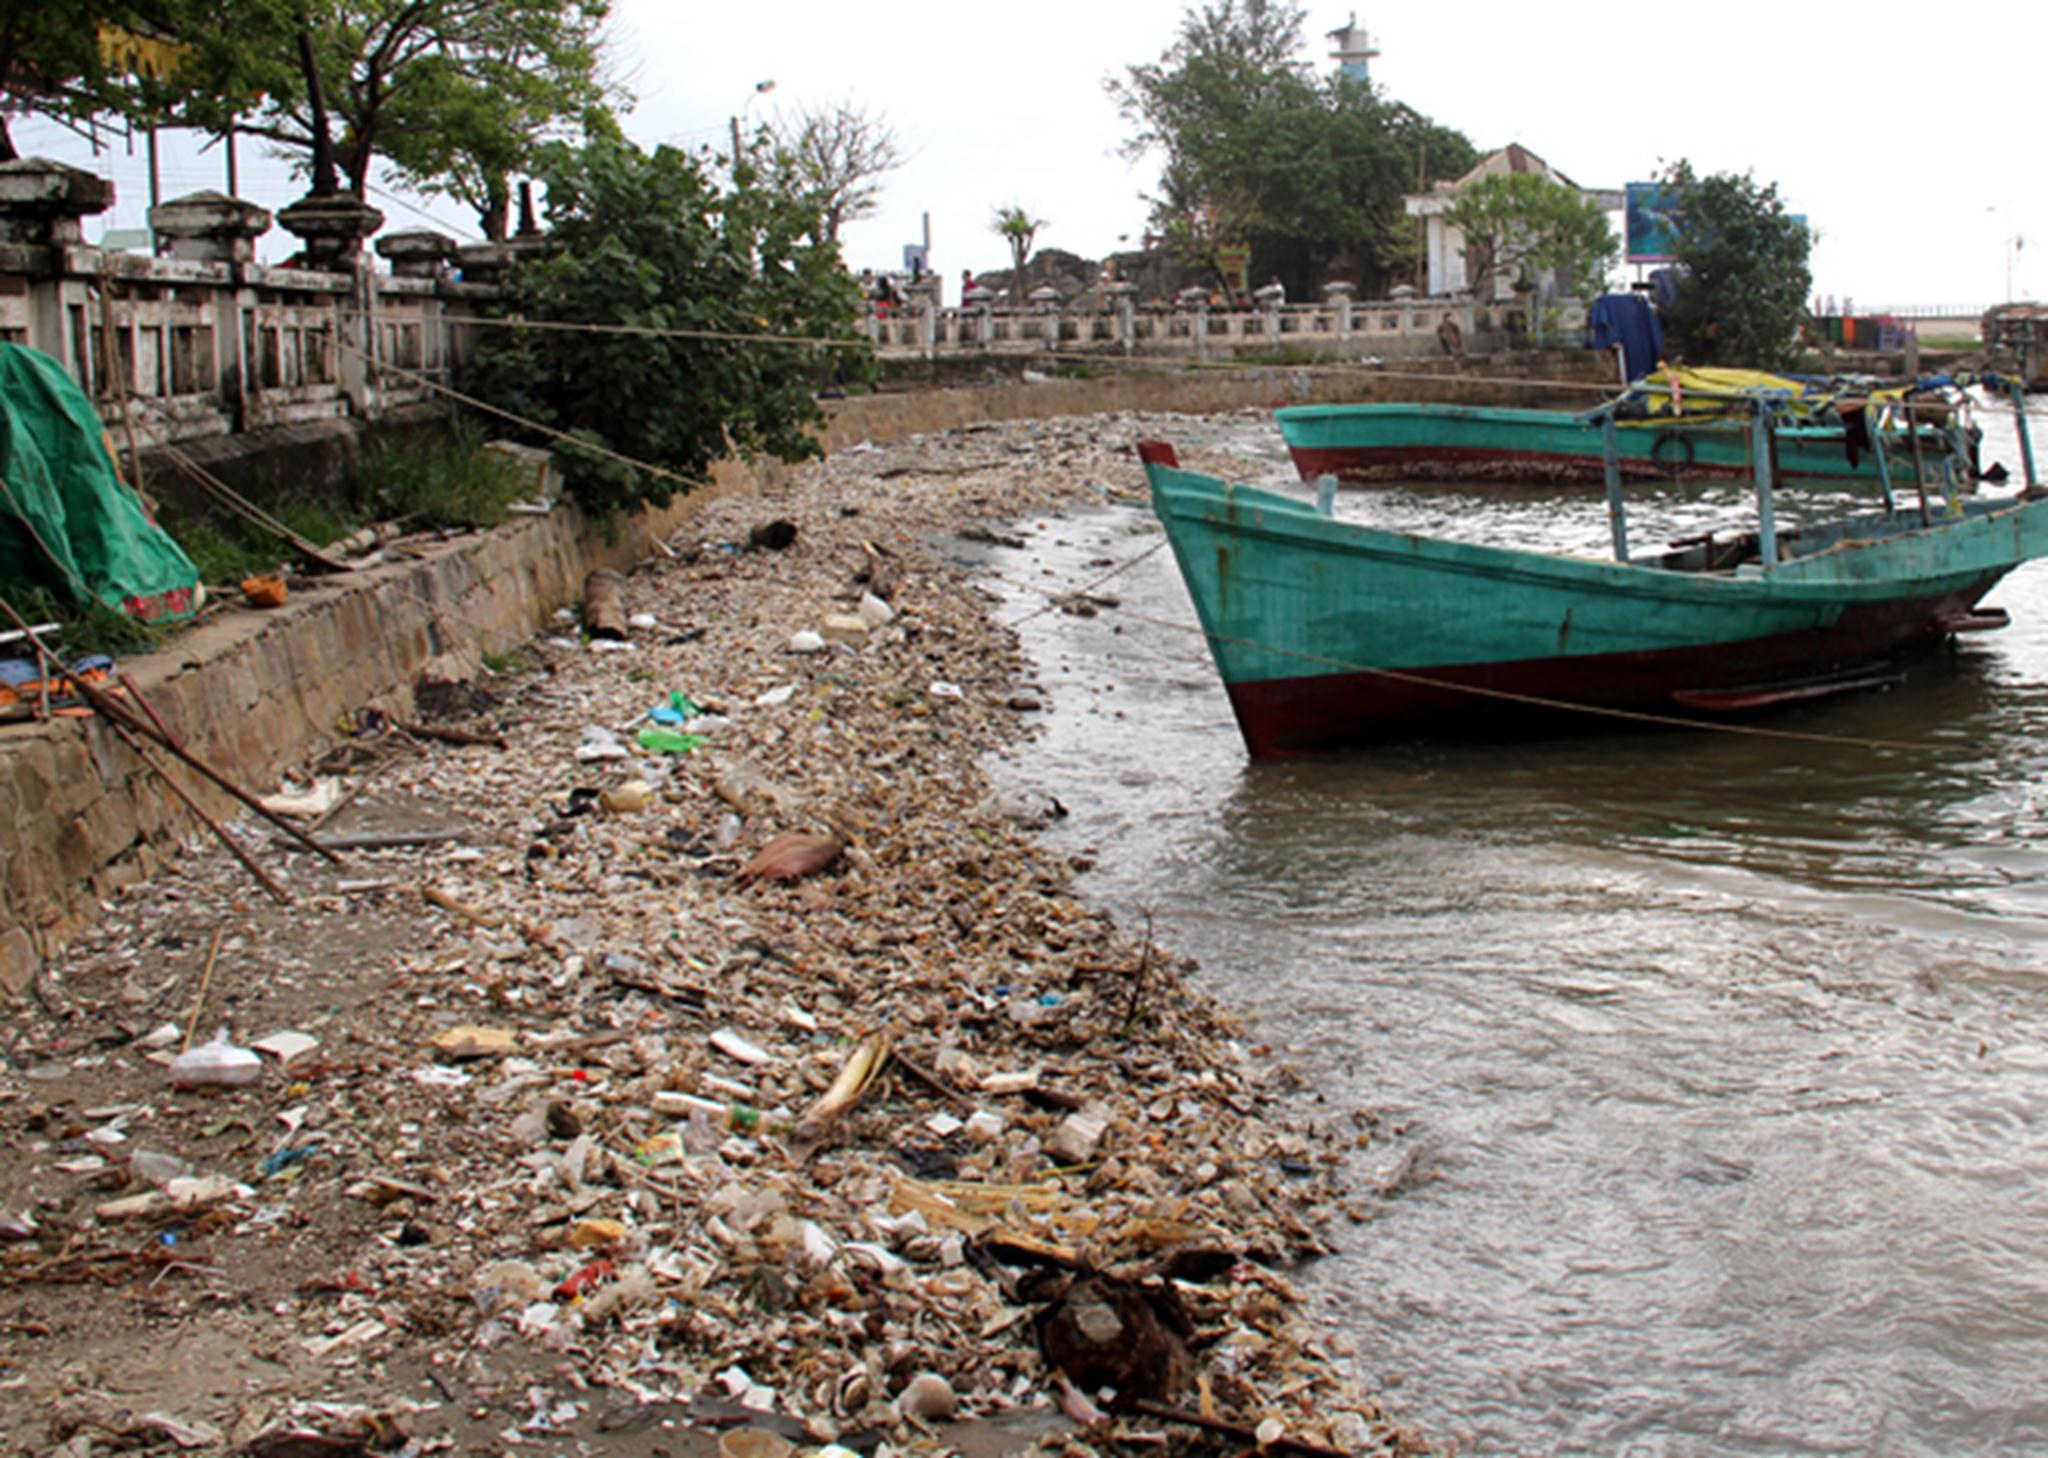 """Phú Quốc - được mệnh danh là """"đảo ngọc"""" của Việt Nam - có lượng du khách tăng cao theo từng năm. Tuy nhiên, tình trạng ô nhiễm môi trường ở đây cũng đáng báo động khi đến đâu người ta cũng thấy rác. Cạnh Khu di tích Dinh Cậu tại thị trấn Dương Đông, một bãi rác dạt vào bờ không được thu dọn, cách đó một con đường là bãi tắm."""